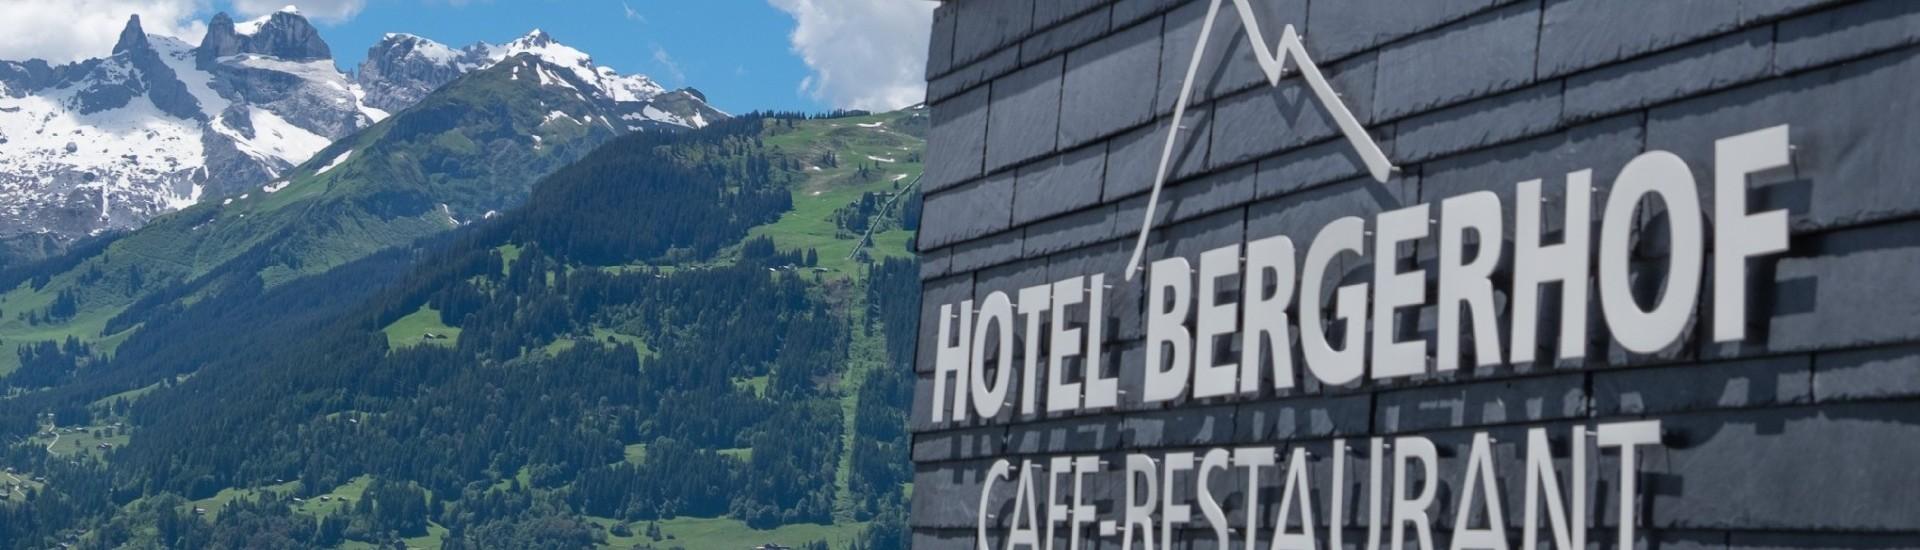 hotel-bergerhof-montafon-sommer-20